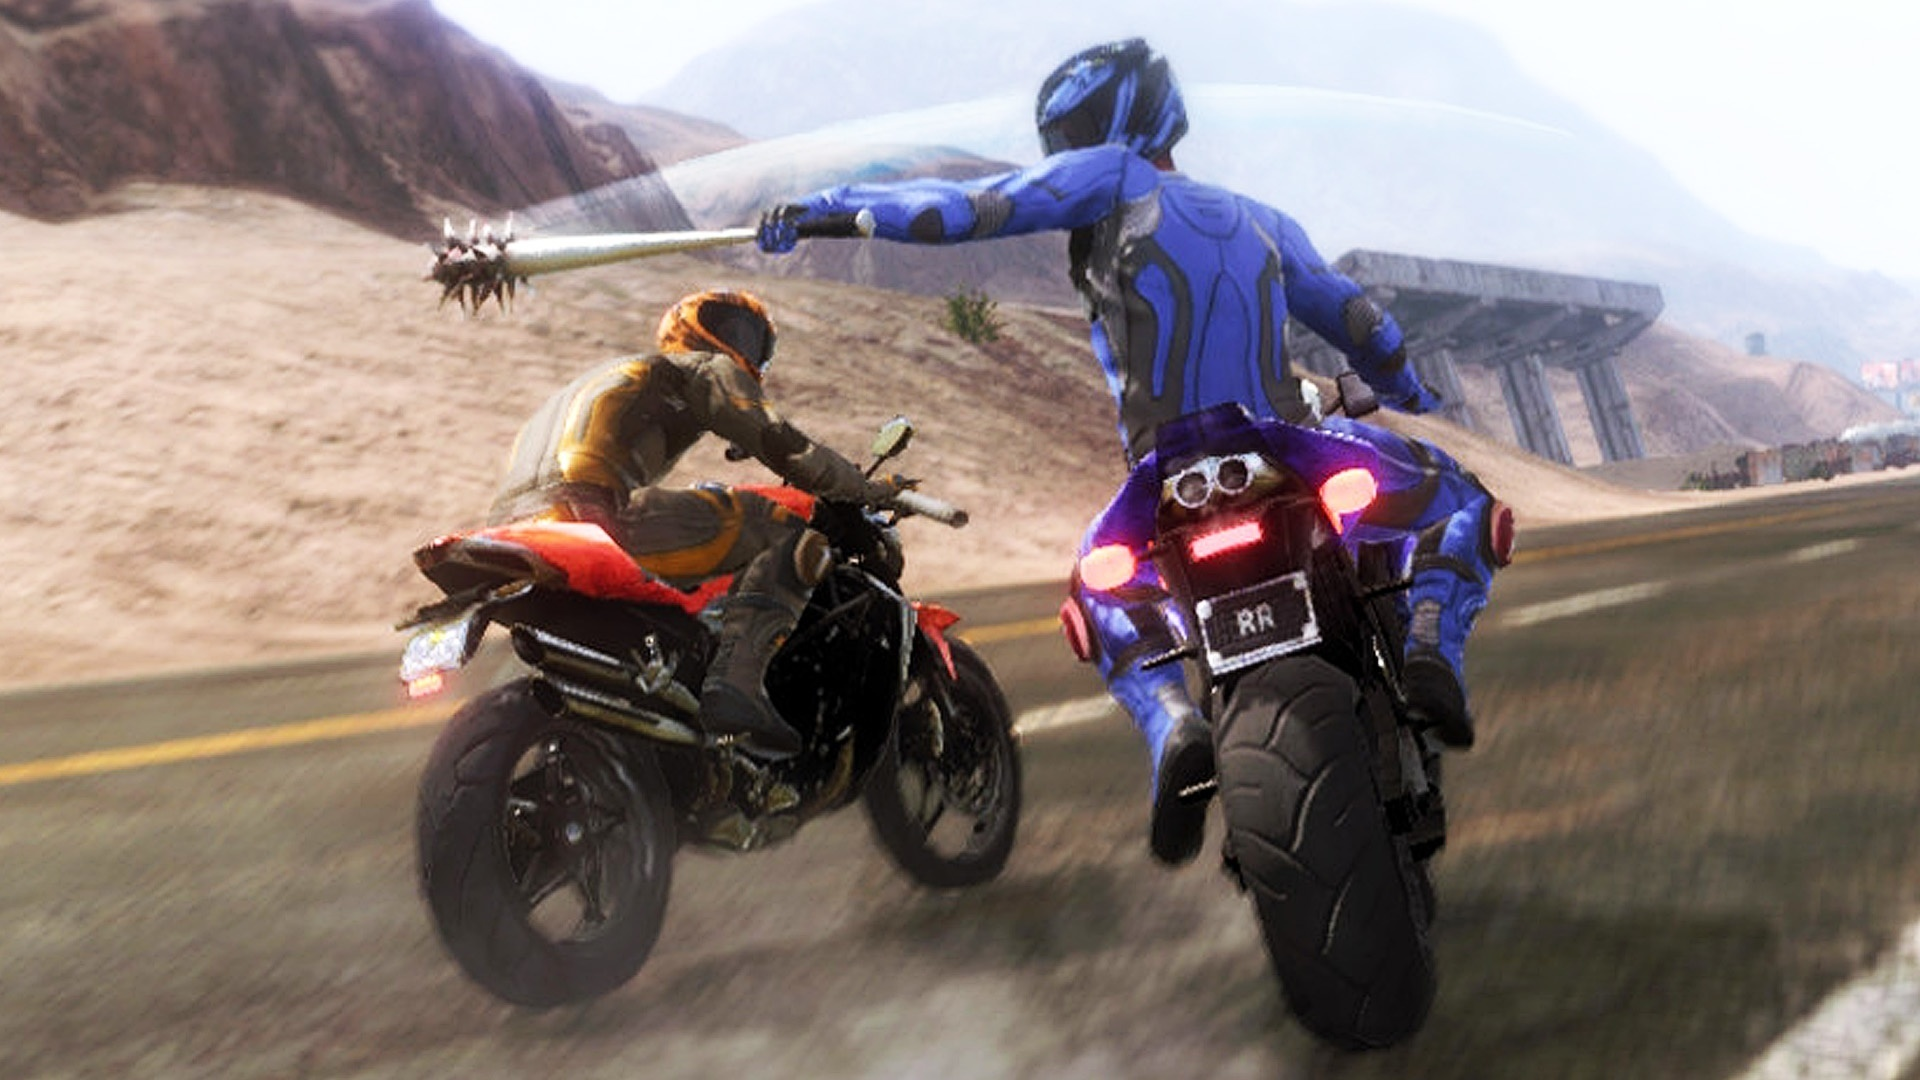 想重溫《暴力摩托》的歡樂?不妨考慮一下這款《Road Redemption》